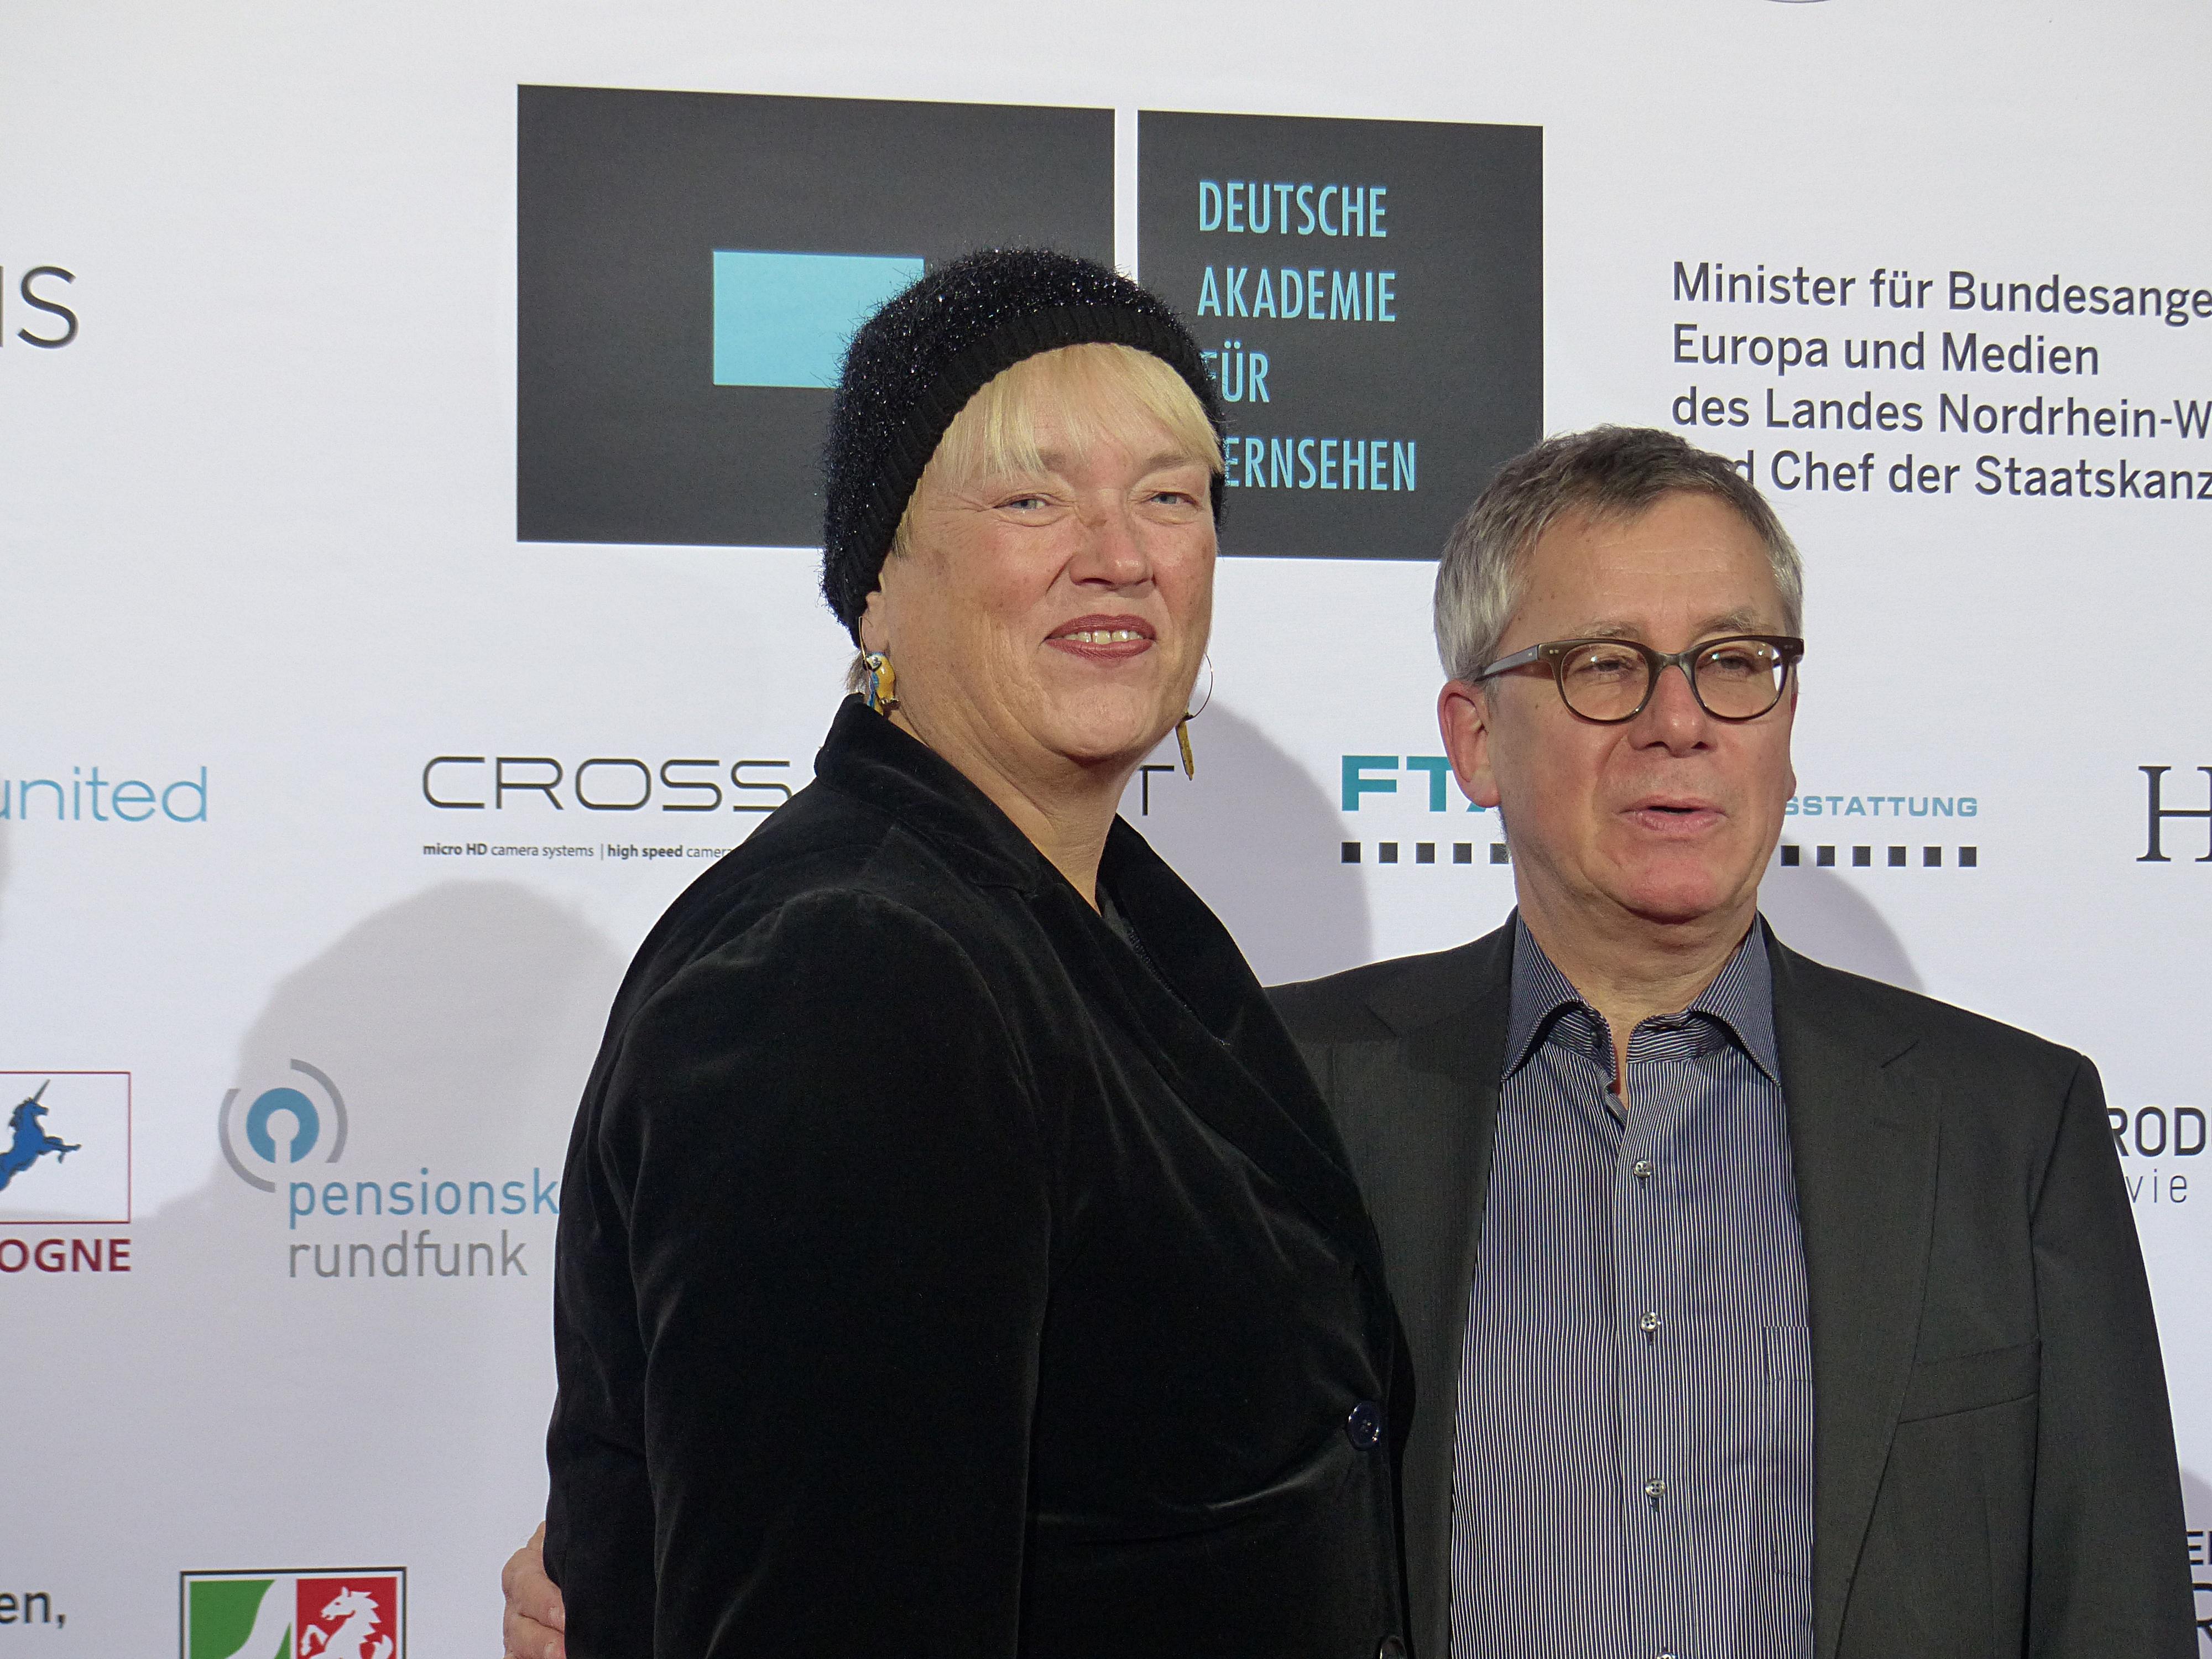 Filechristiane Ruff Fernsehproduzentin Und Prof Gebhard Henke Filmproduzent